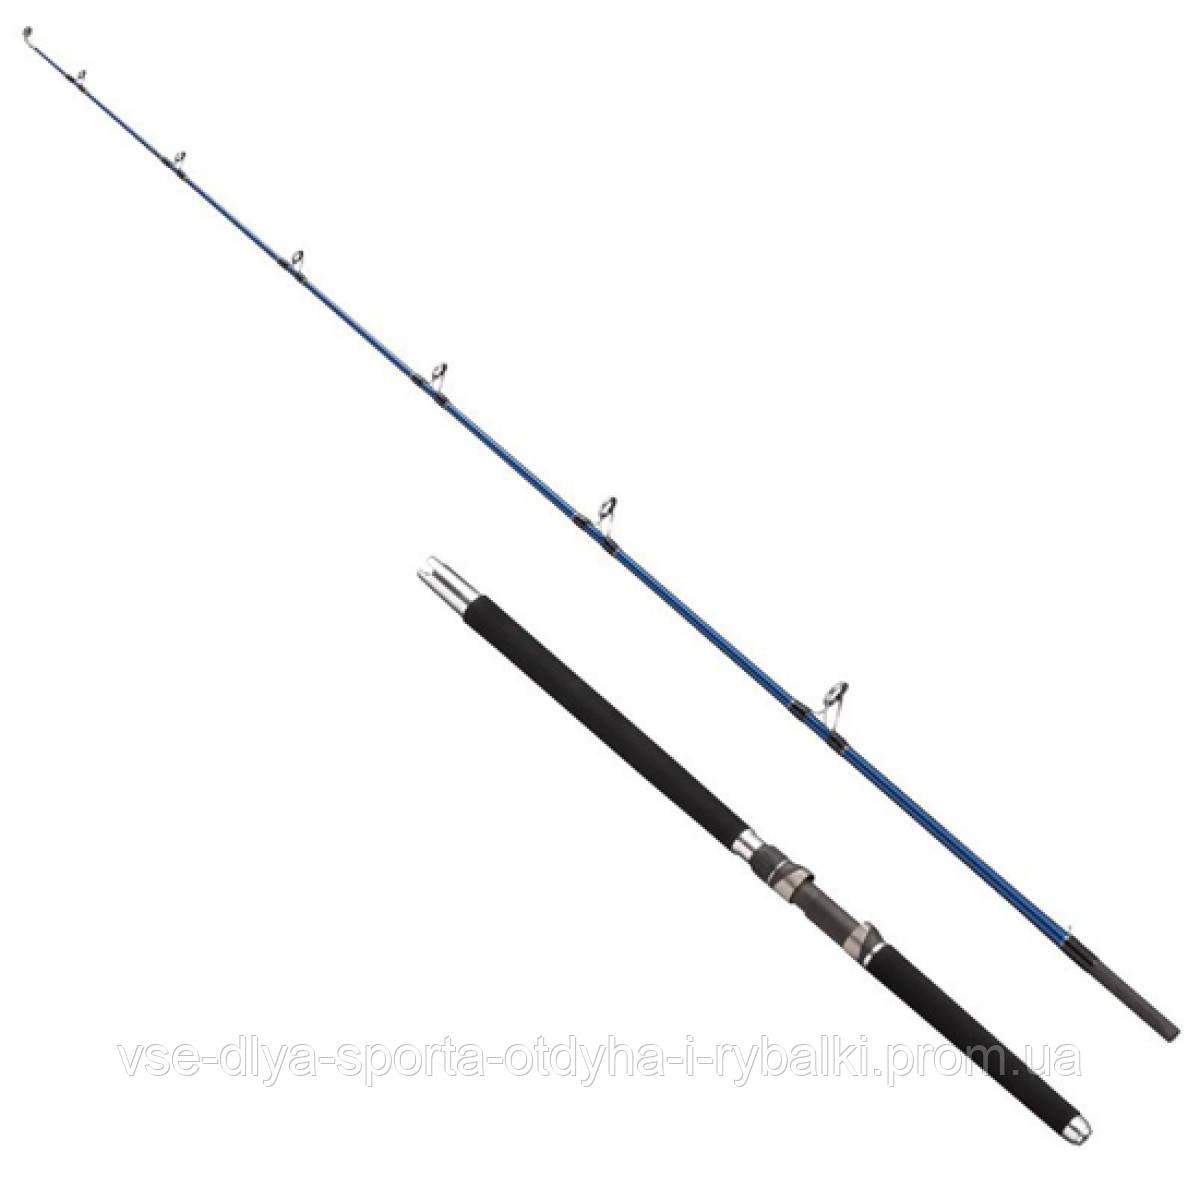 Бортовое удилище Fladen Vantage Ocean Pro 210cm 20-30lbs